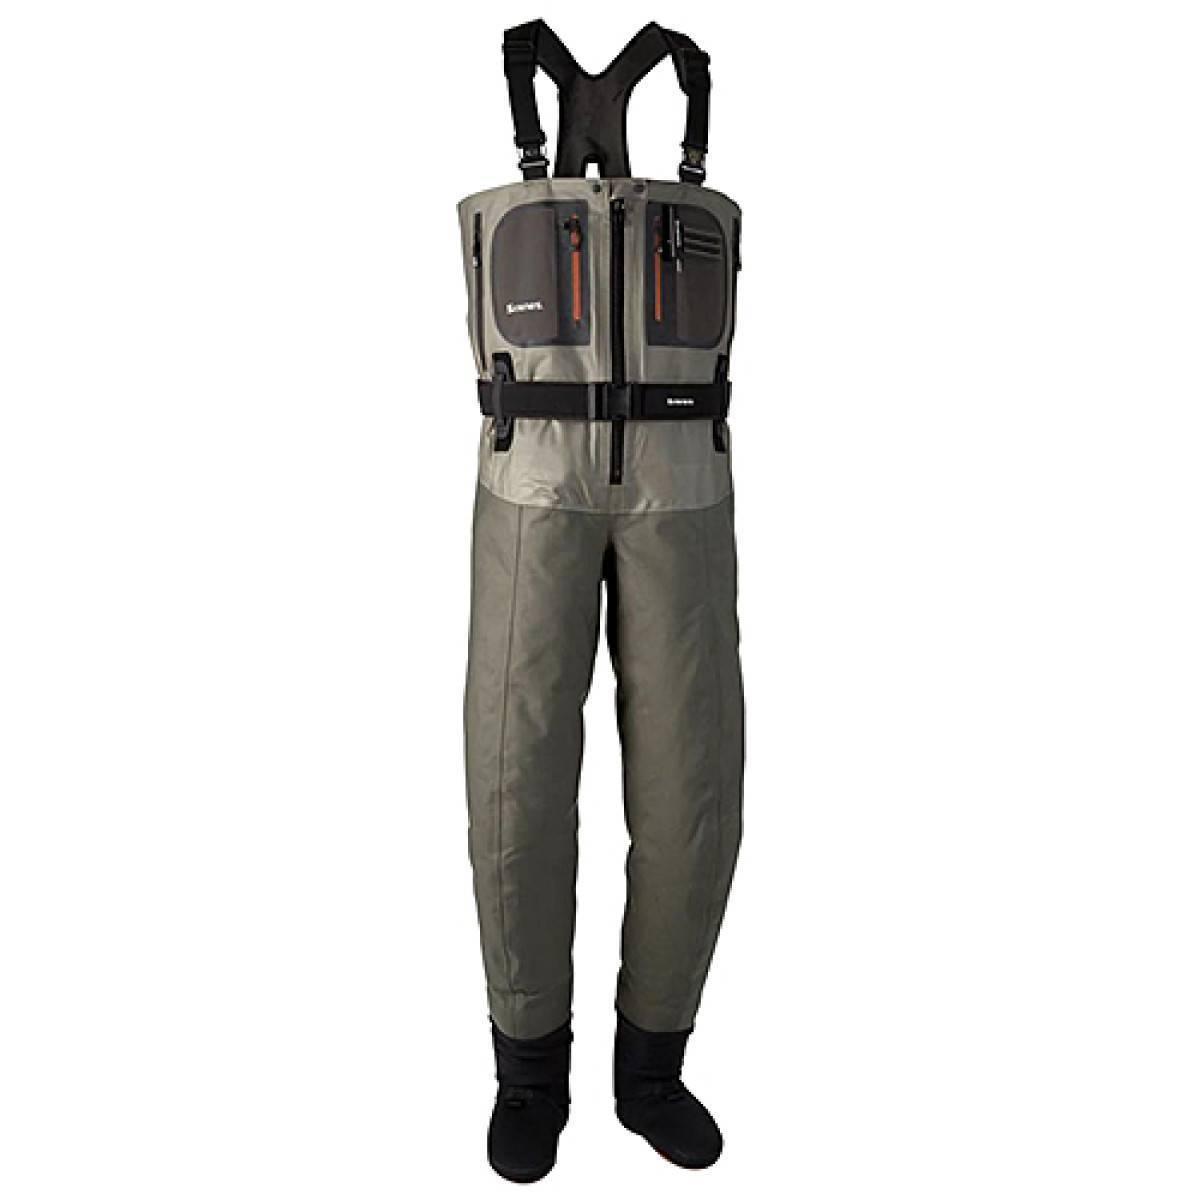 Вейдерсы для рыбалки: лучший забродный костюм